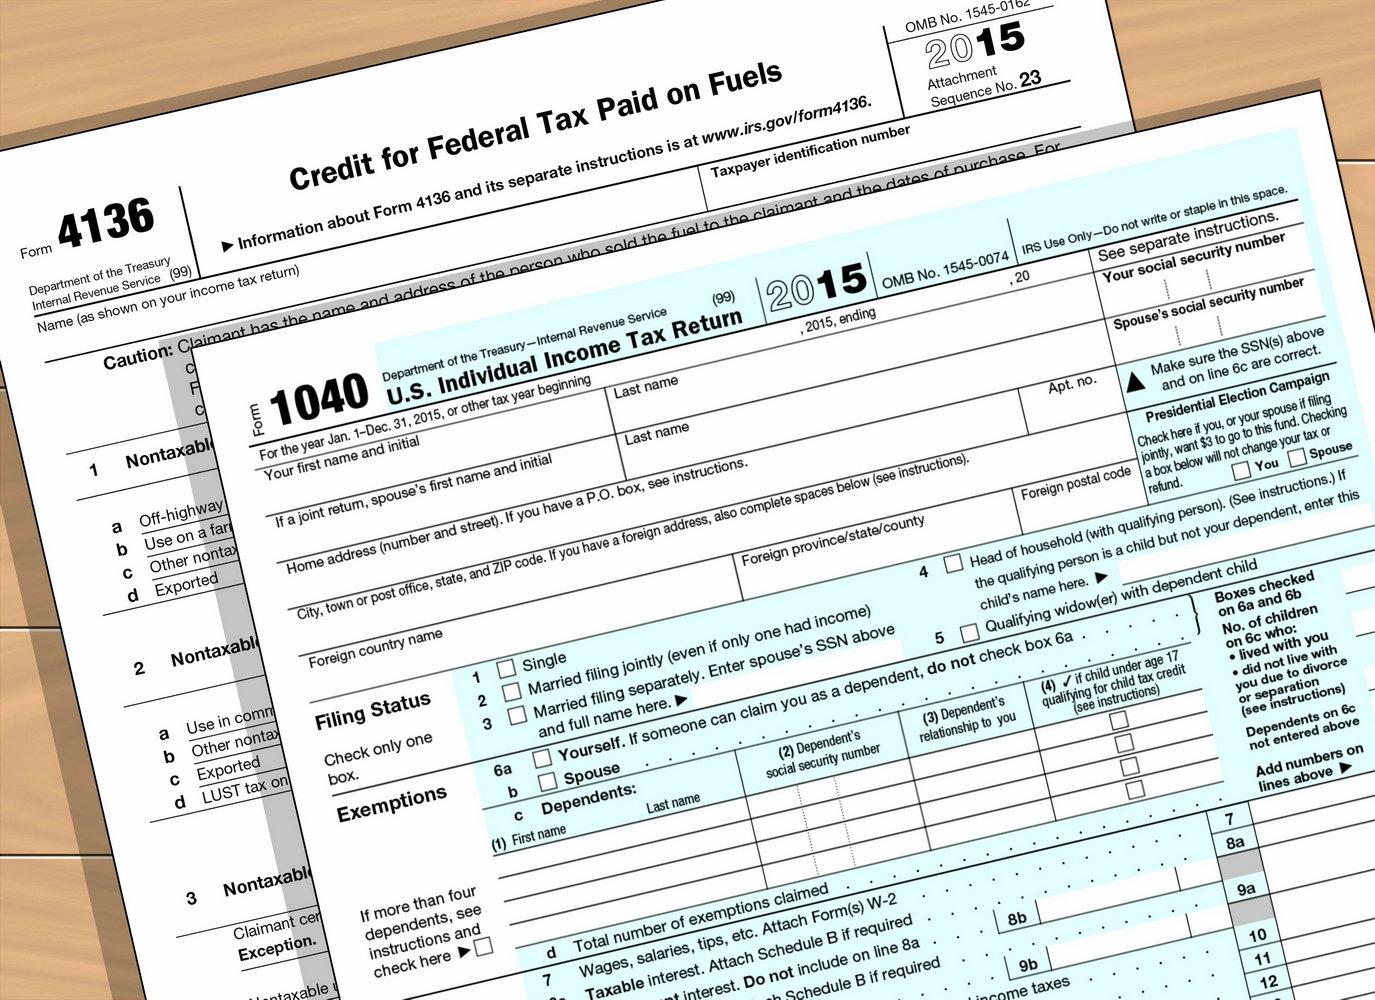 Irs Form 2290 Heavy Use Tax